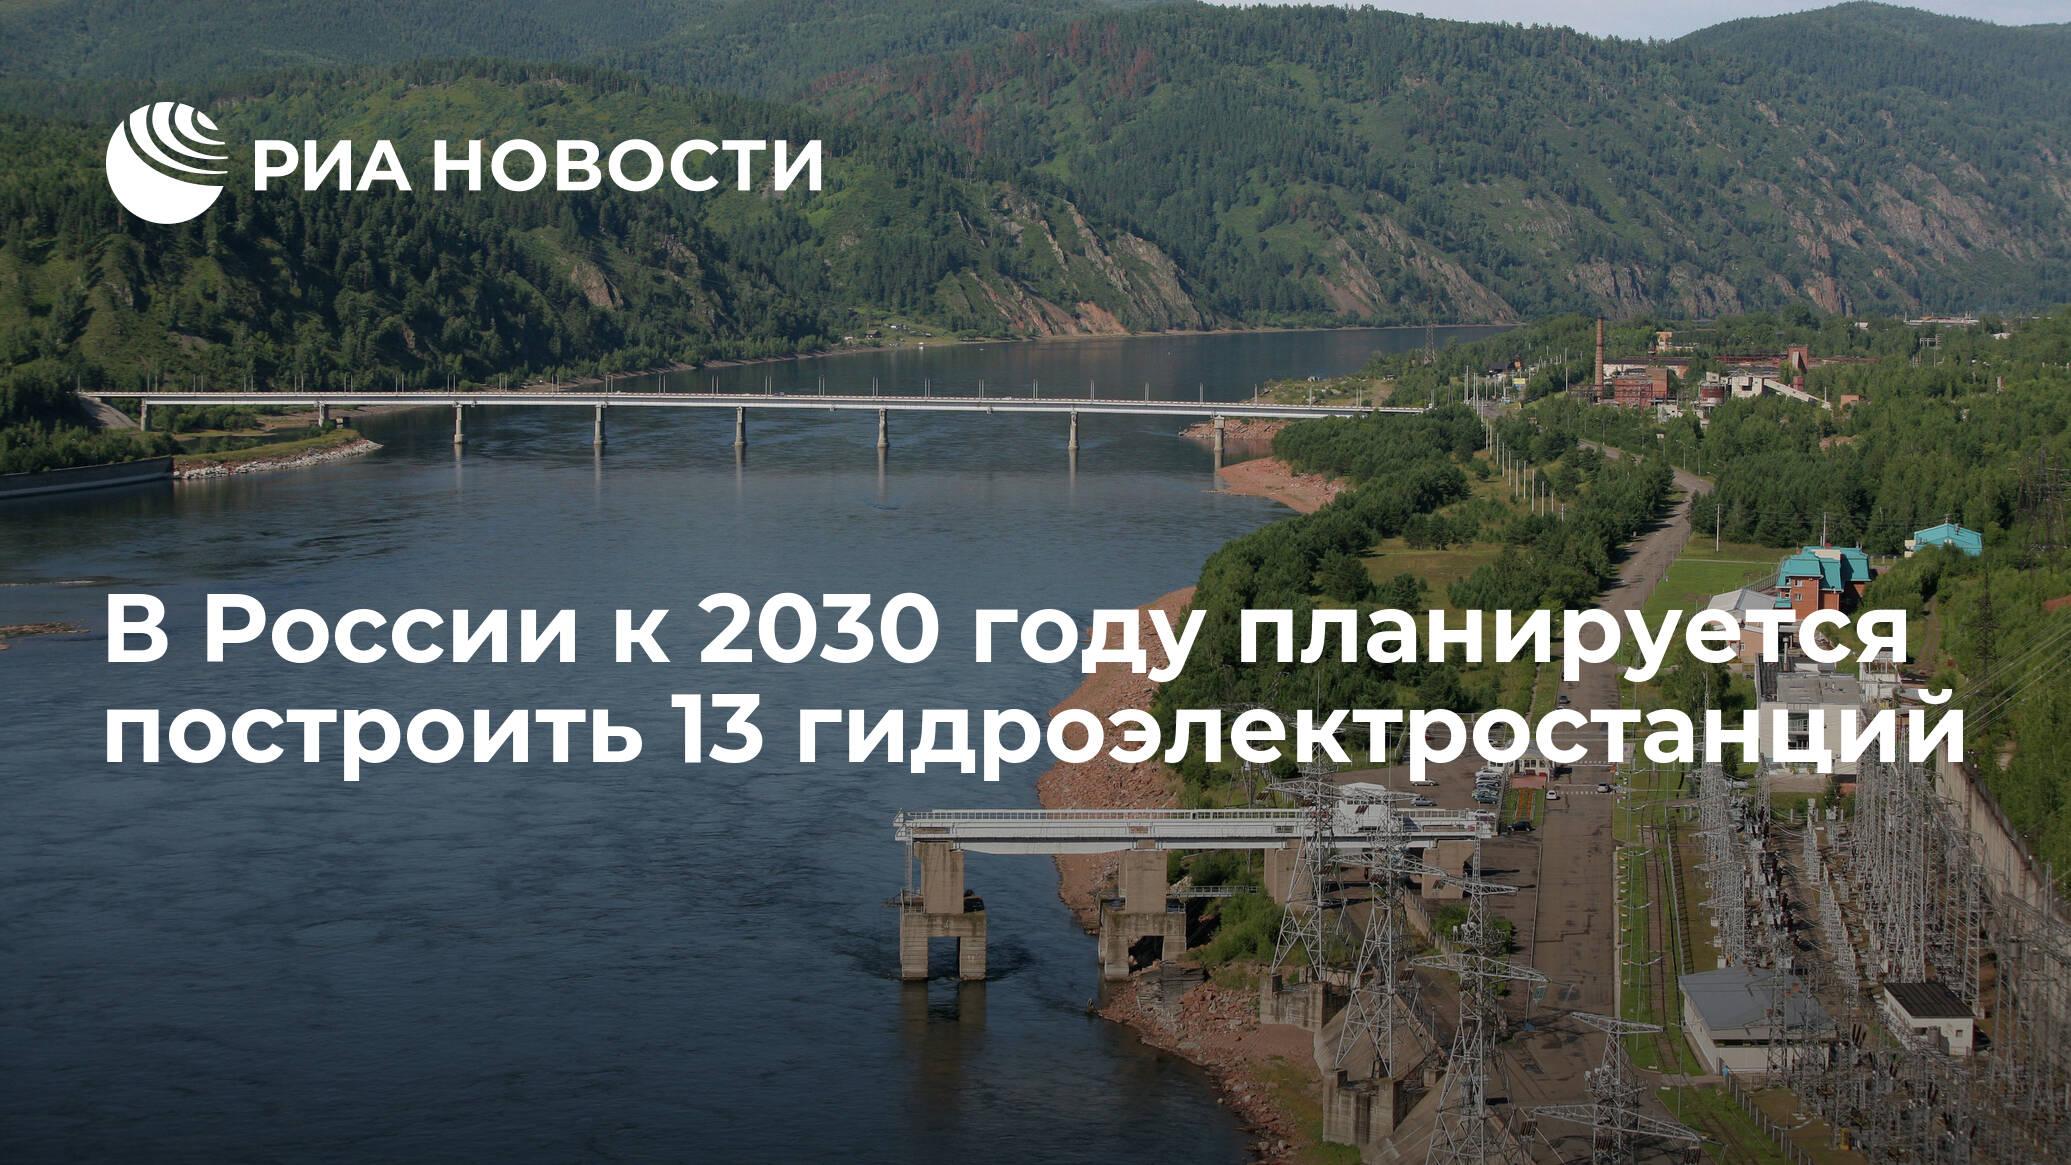 В России к 2030 году планируется построить 13 гидроэлектростанций